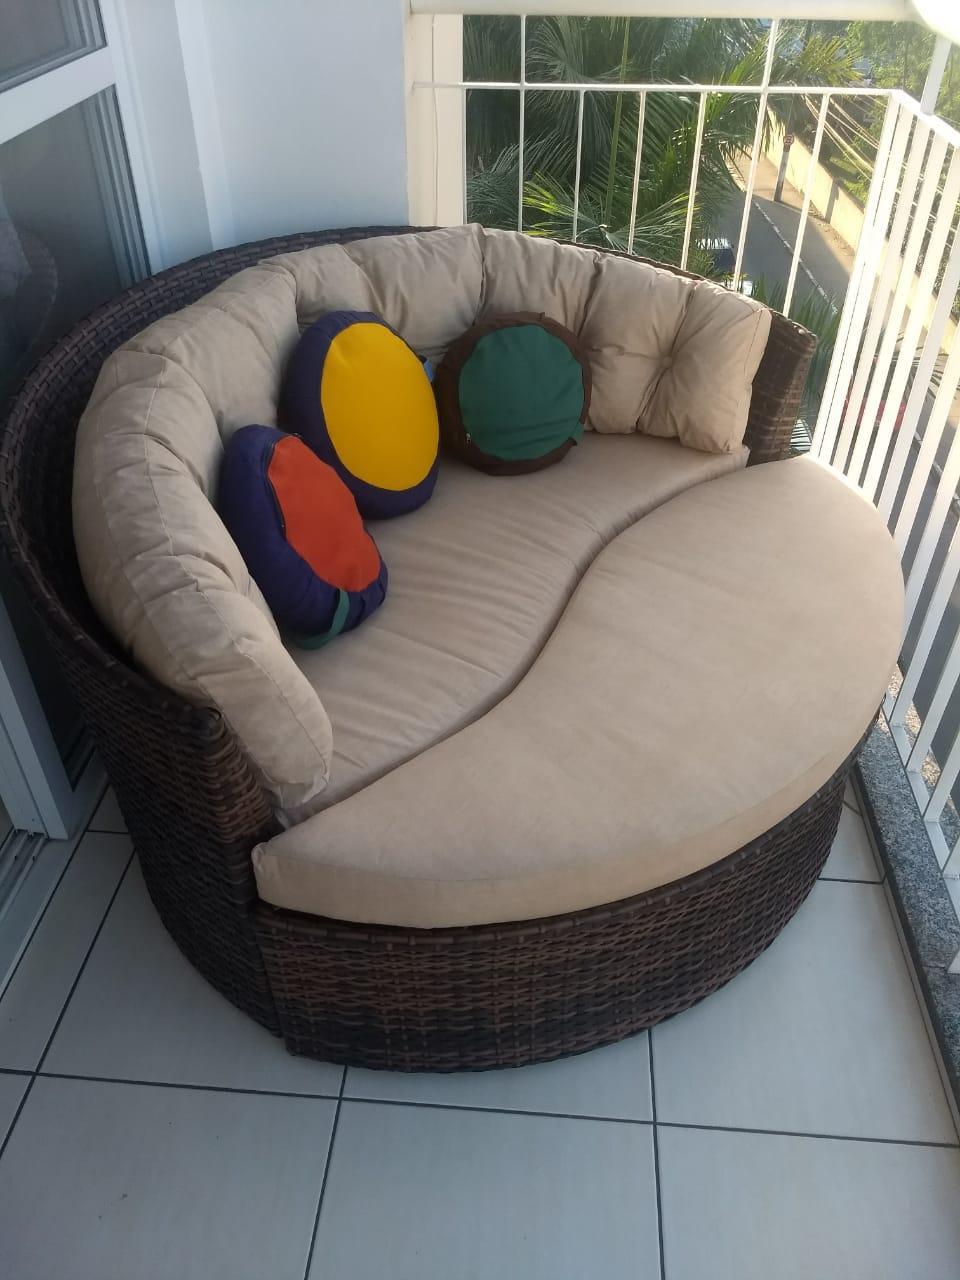 mam-moveis-chaises-chaise-folha-com-futton-decorativas-em-fibra-sintetica-para-varandas-desiree